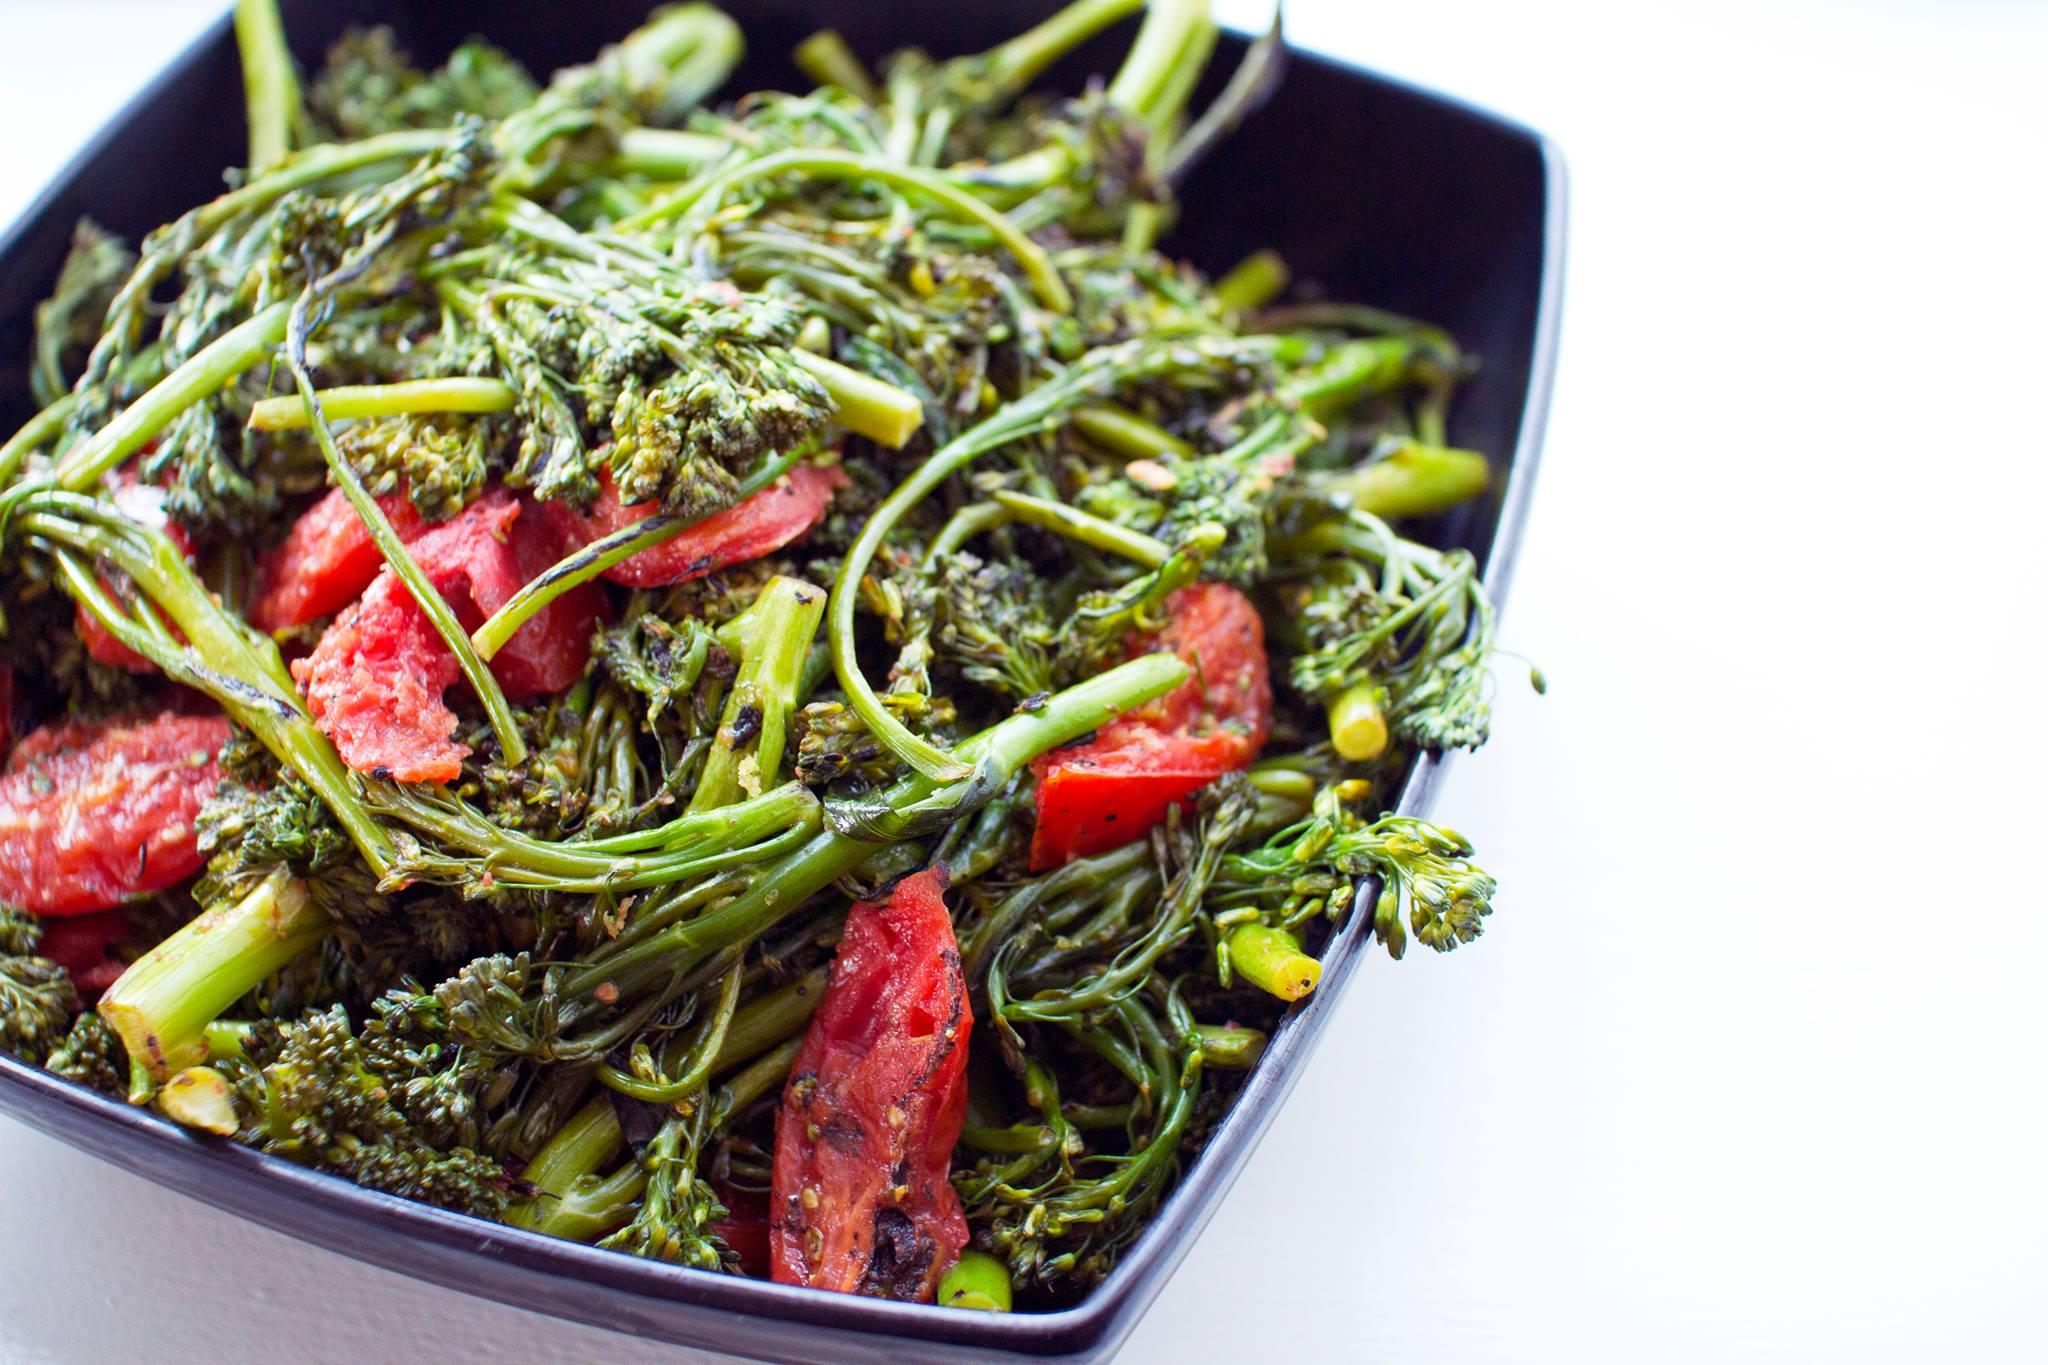 67-biltmore-broccolini